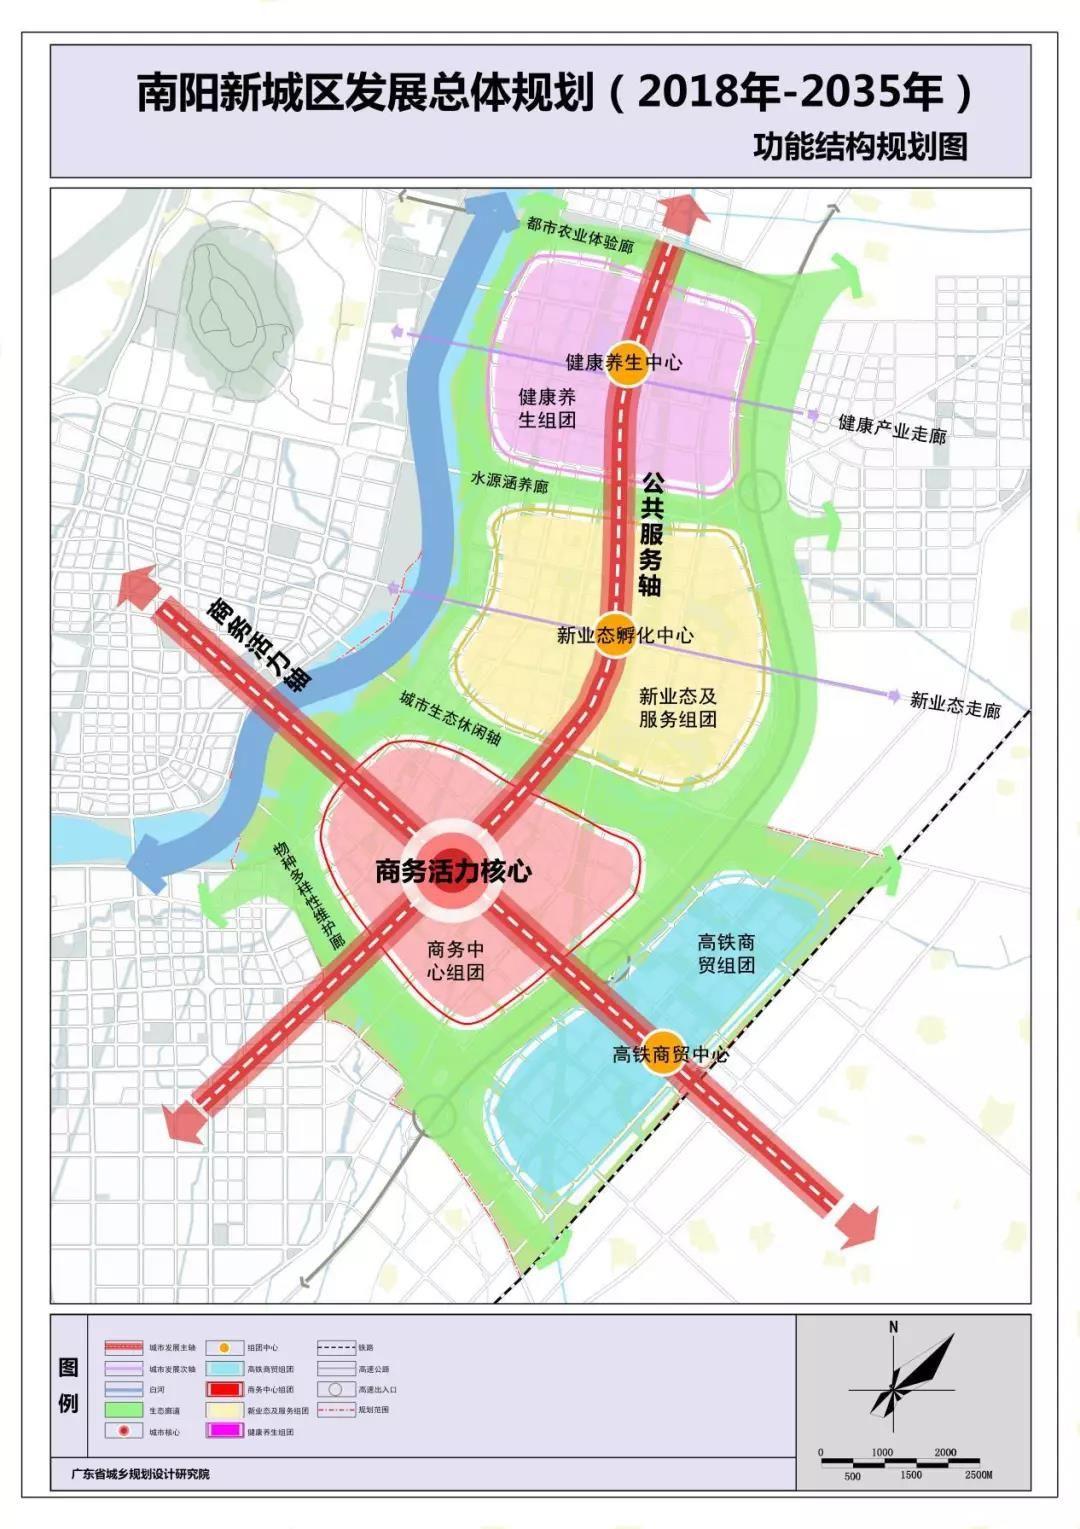 新城区功能结构规划图